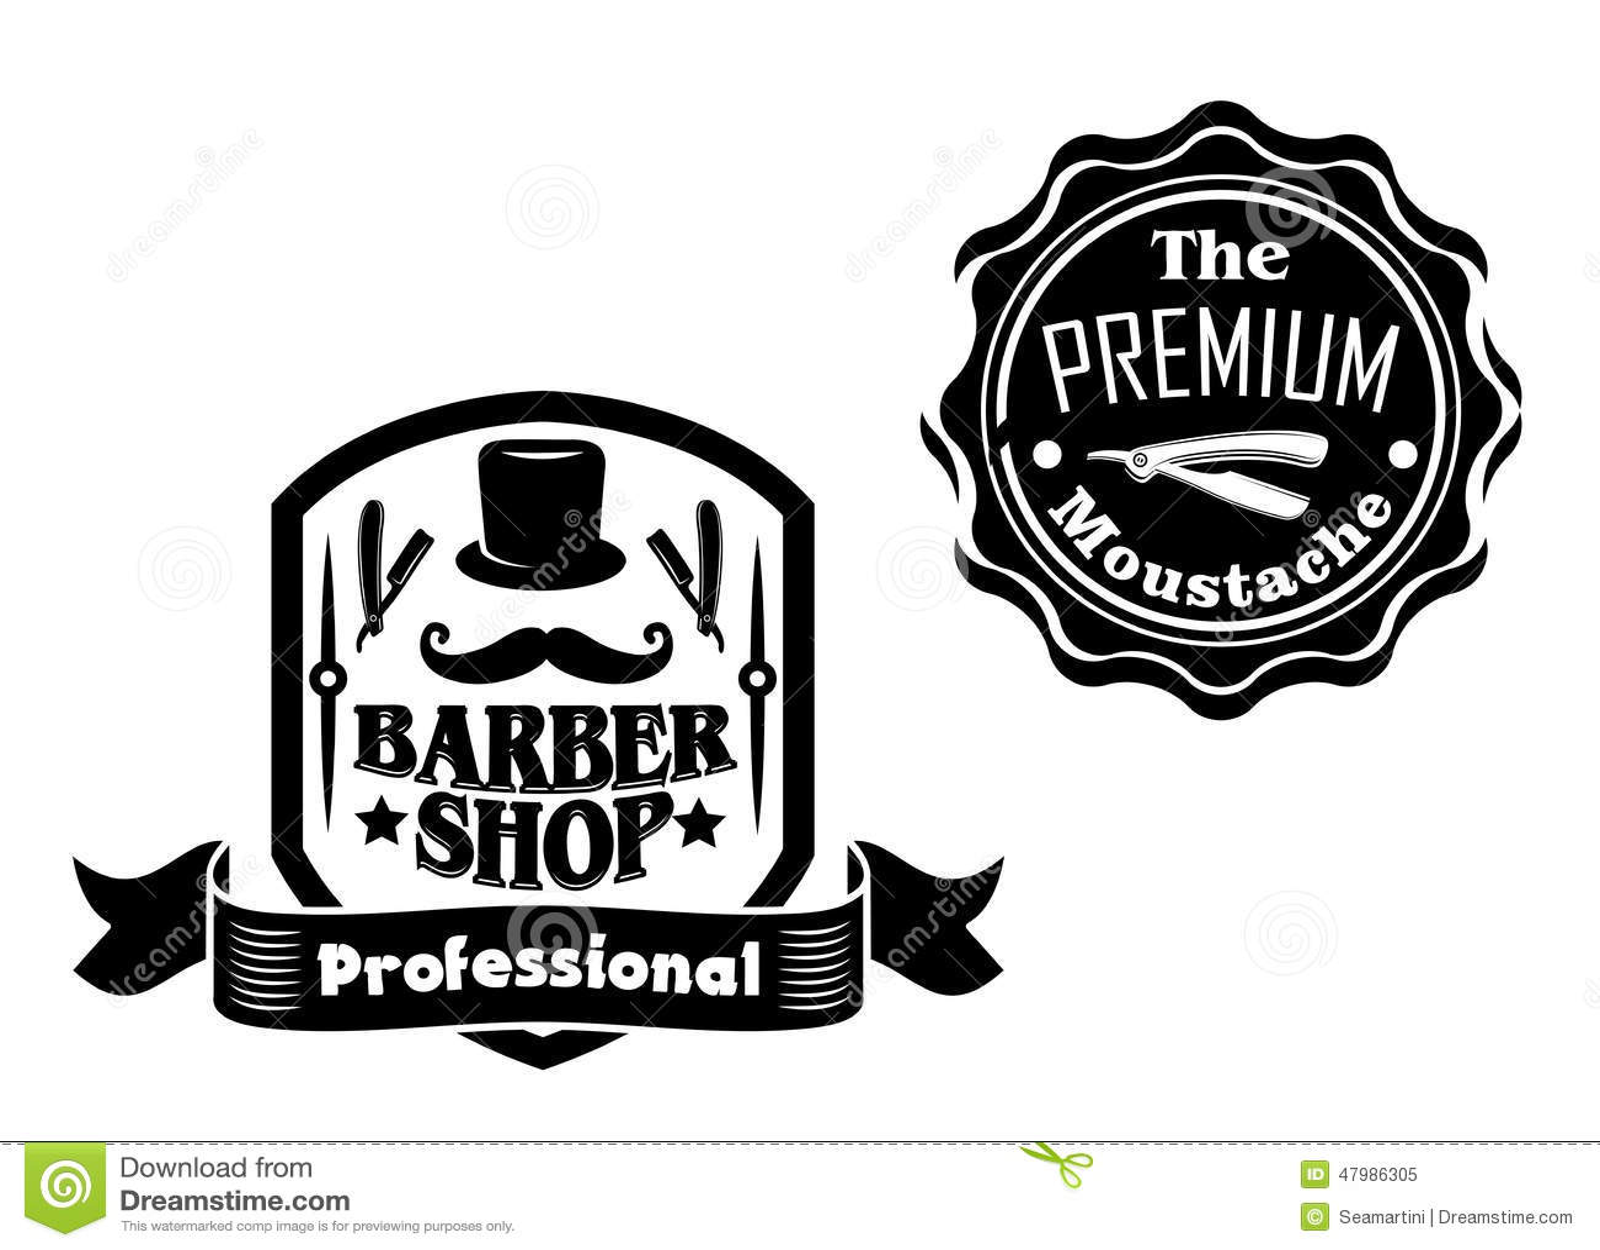 Vintage Barber Shop Designs Set Stock Vector